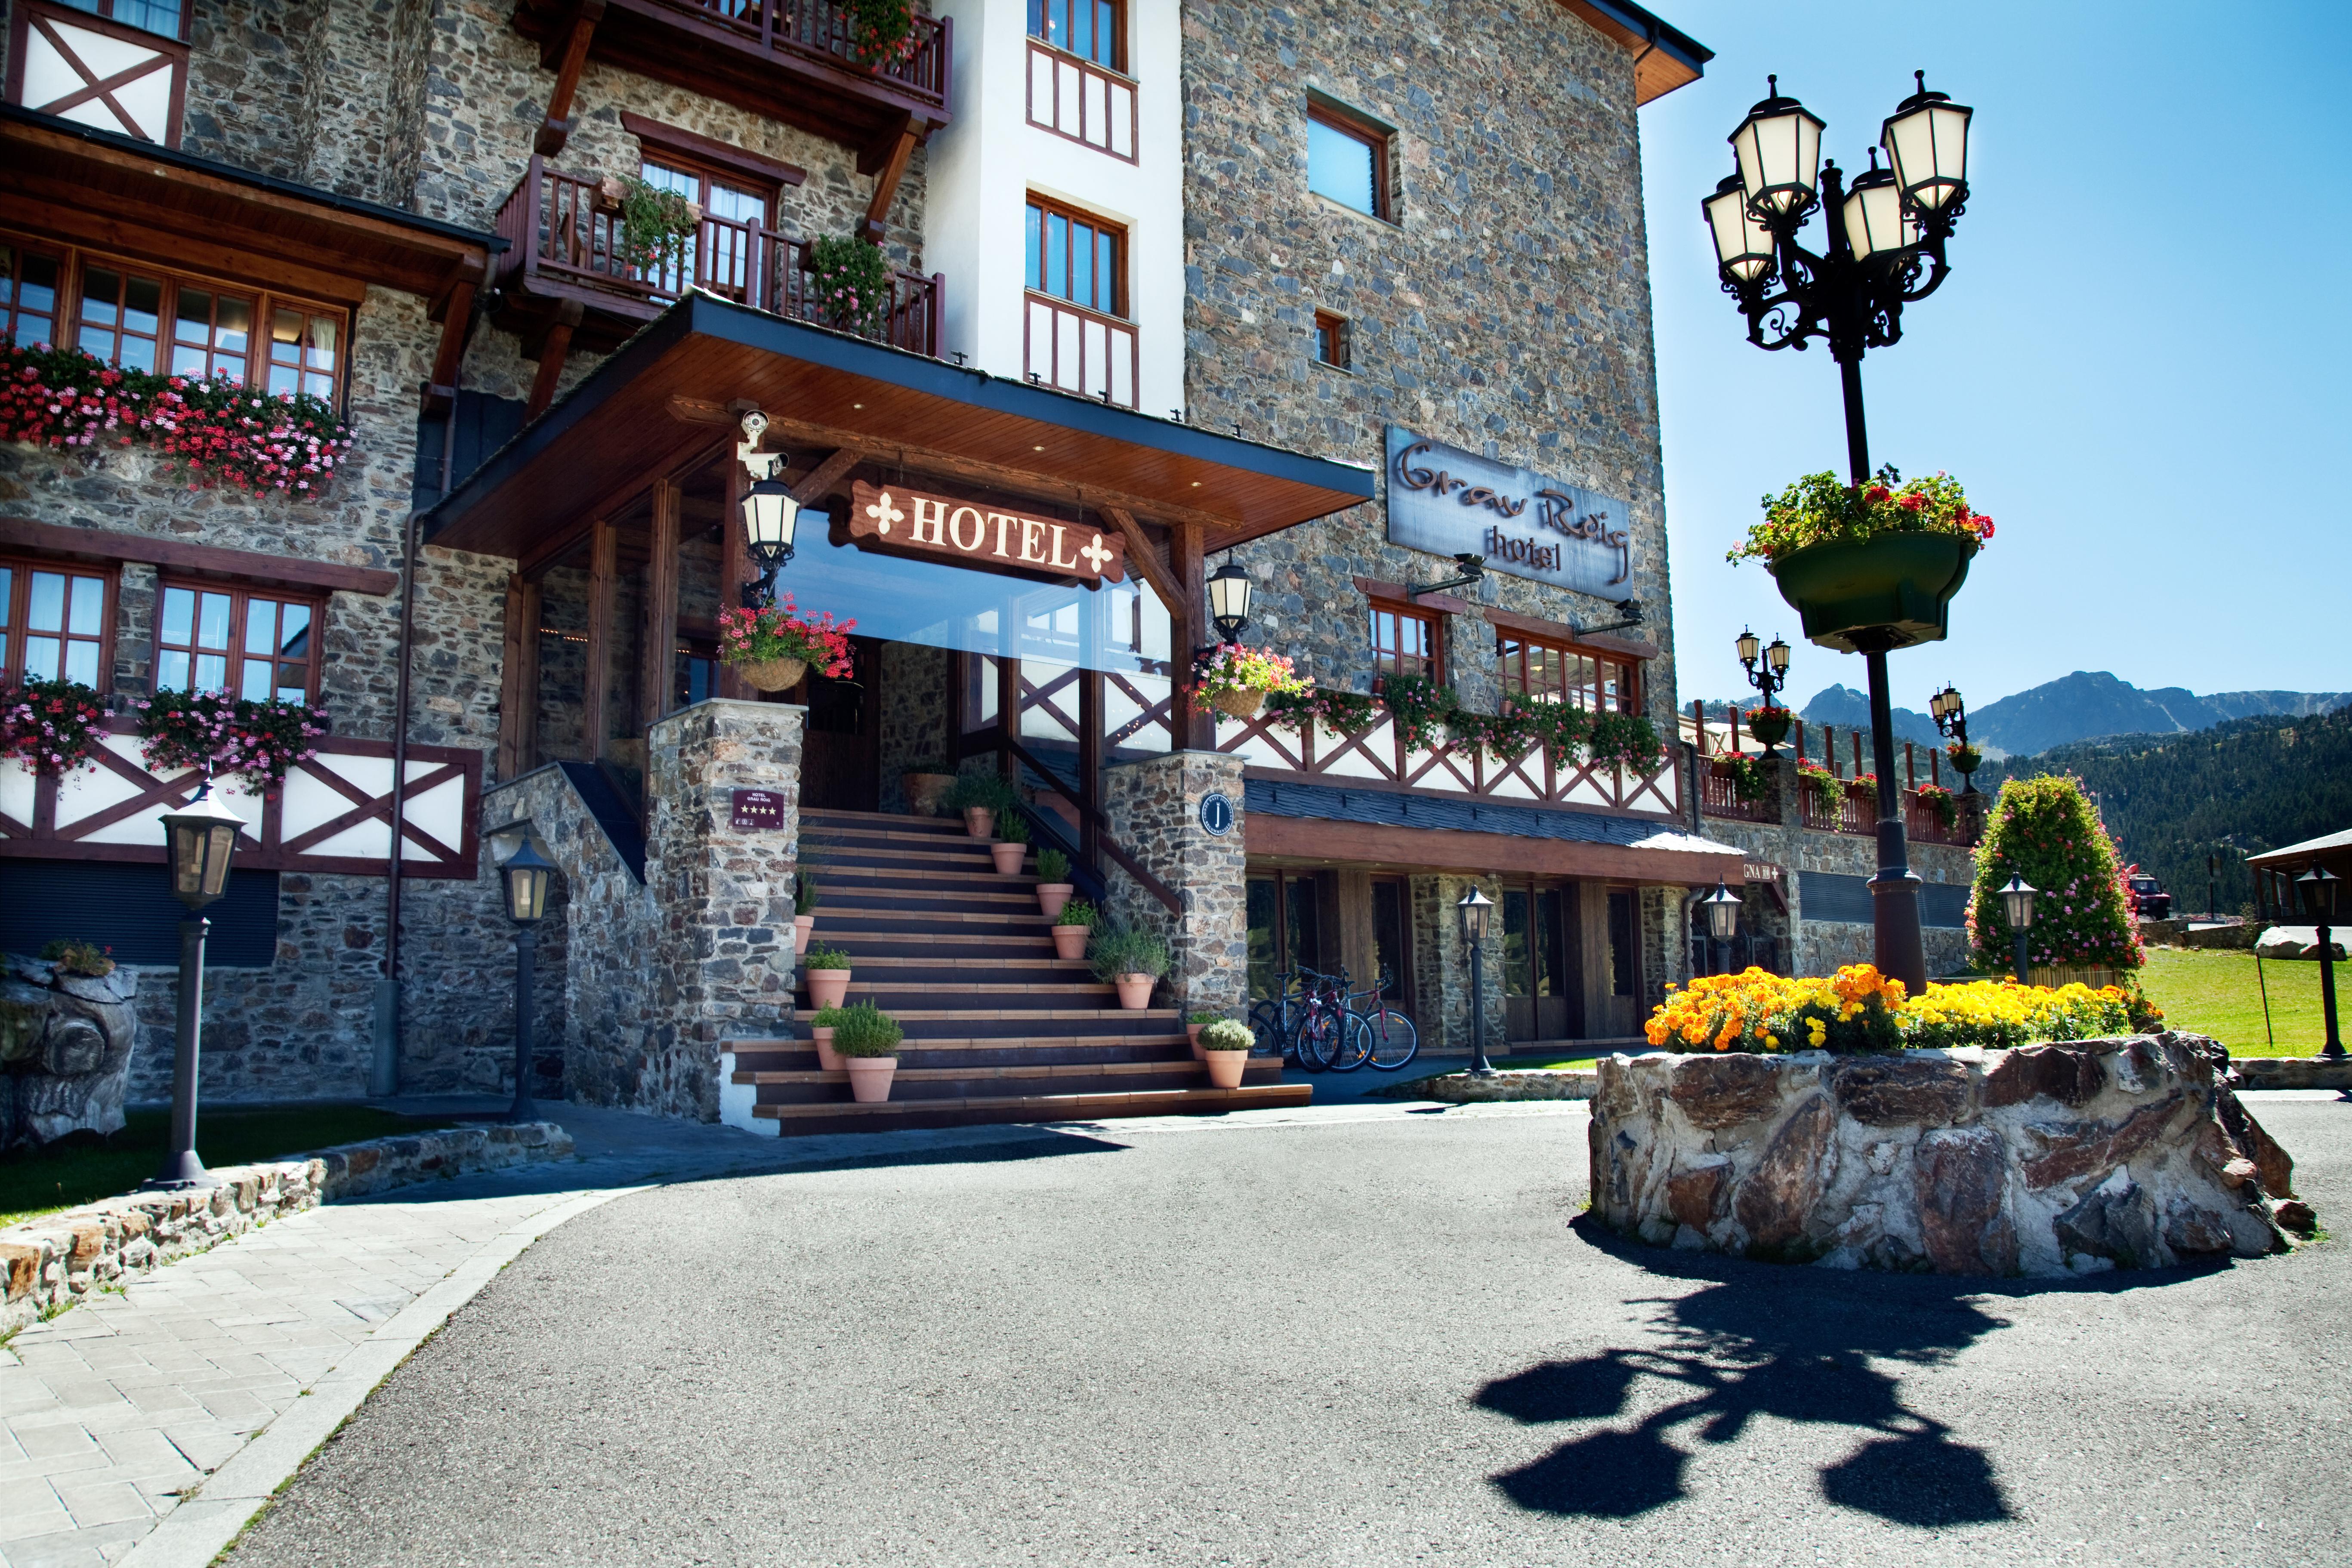 Grau-Roig_entrada_hotel_verano